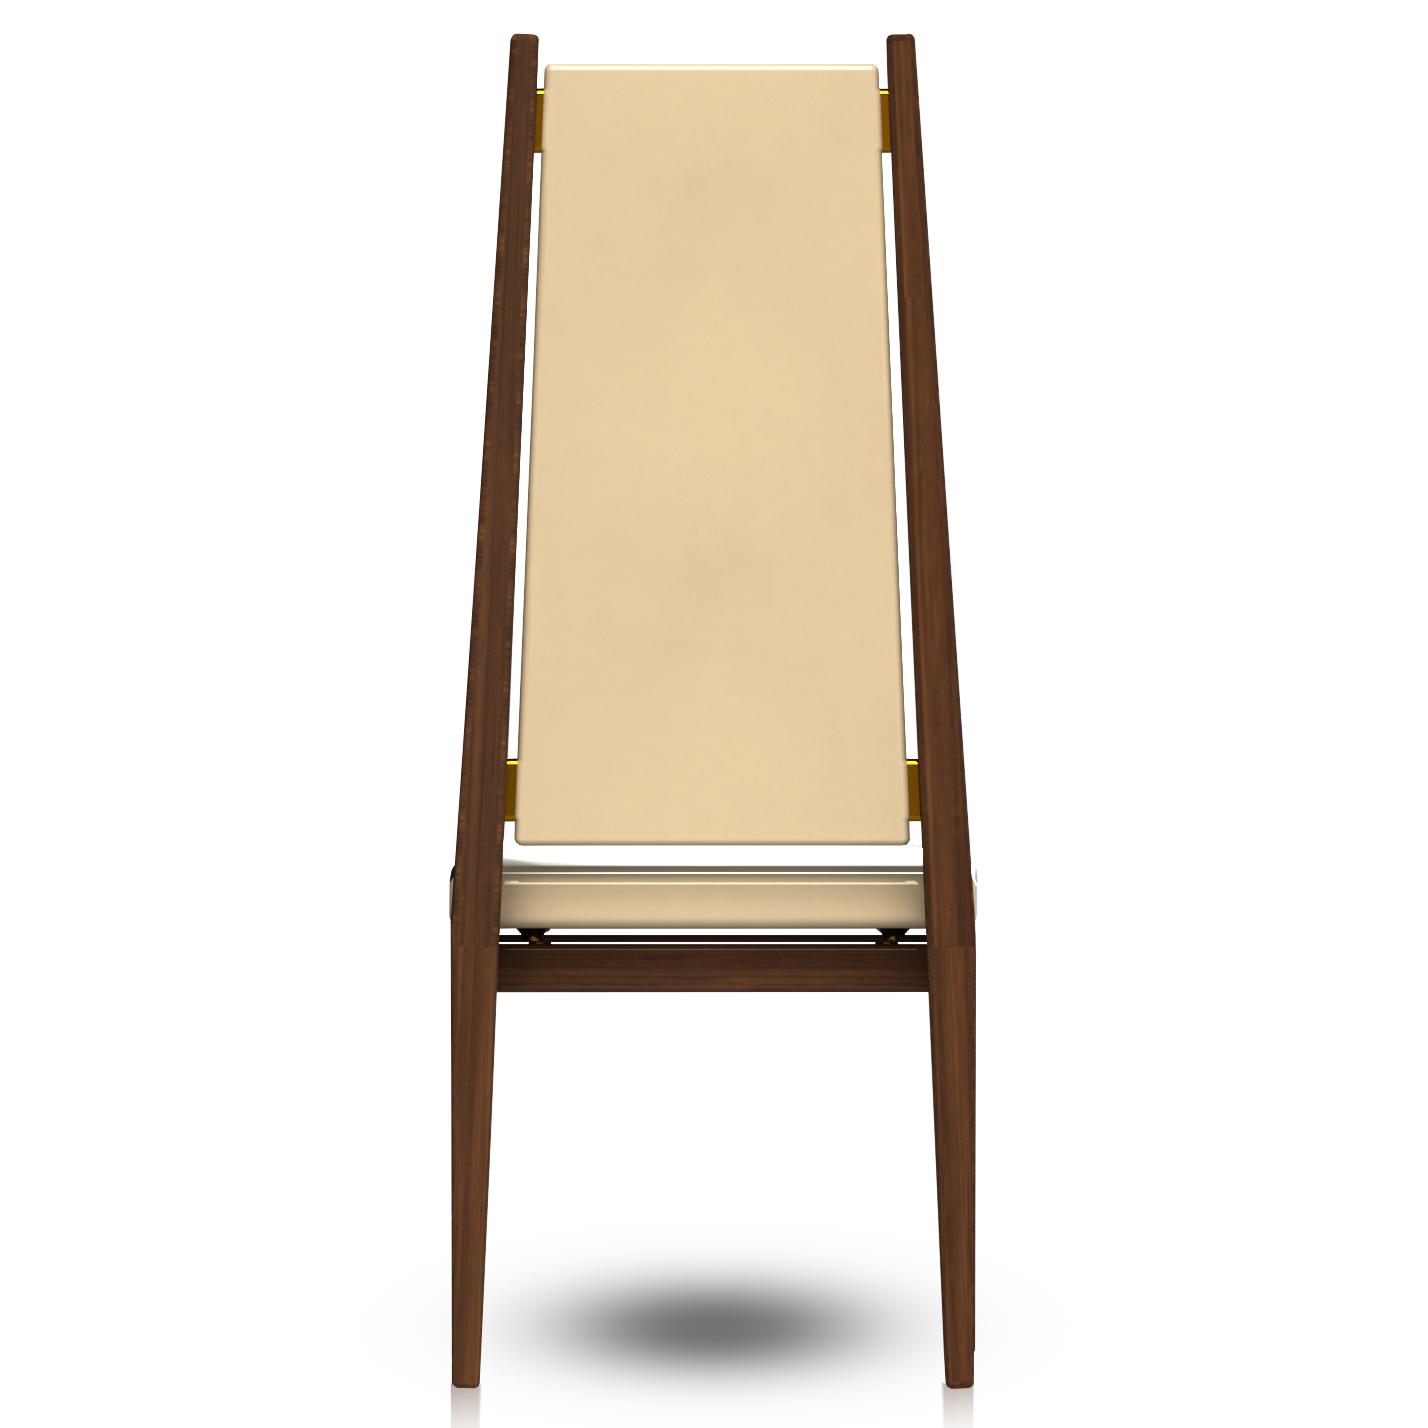 Mass_Chair_5.jpg